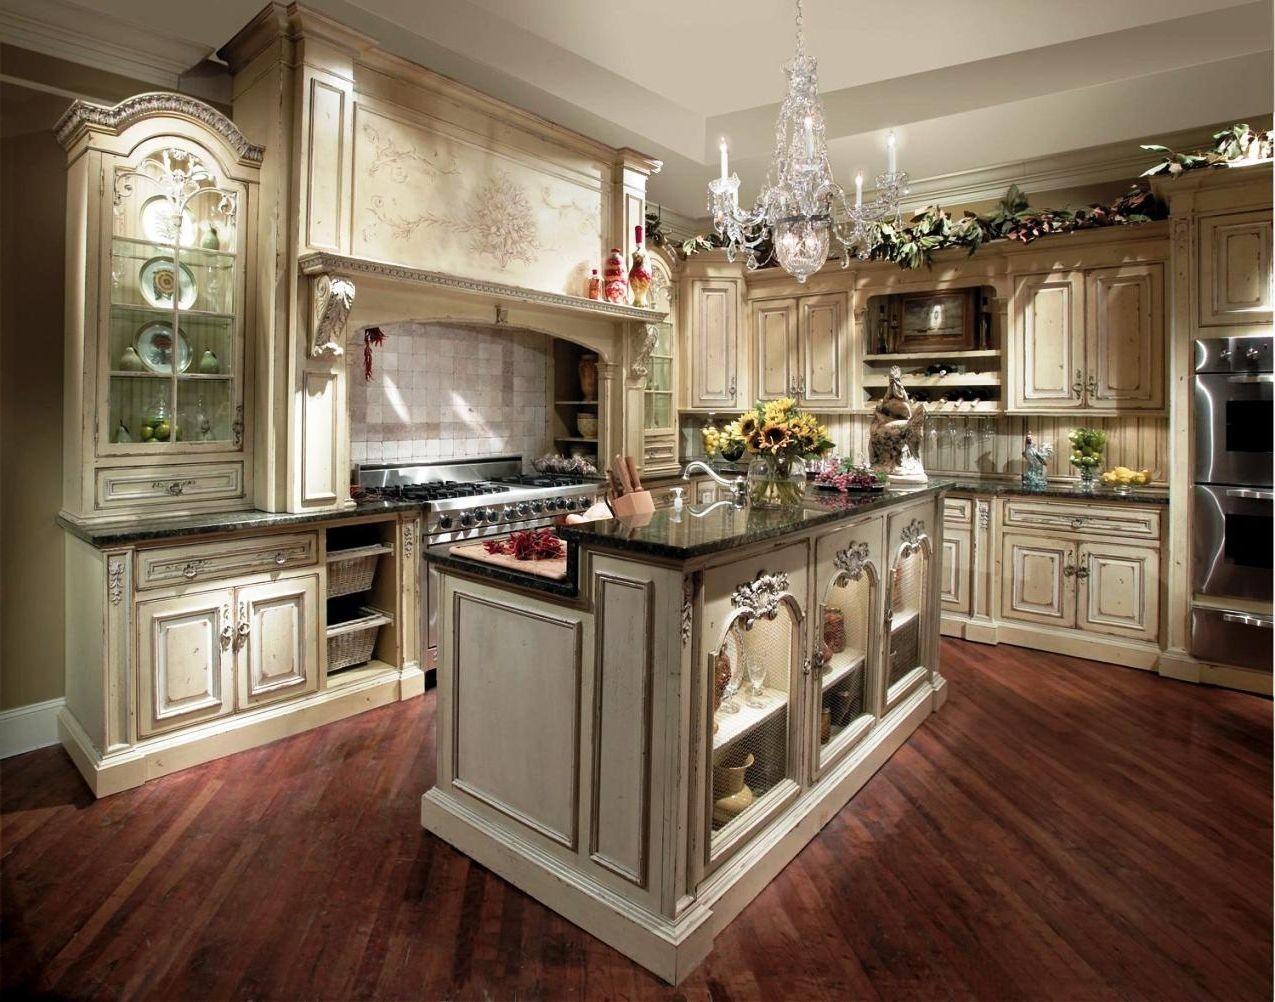 Bonito Tv Cocina Montable Festooning - Como Decorar la Cocina ...